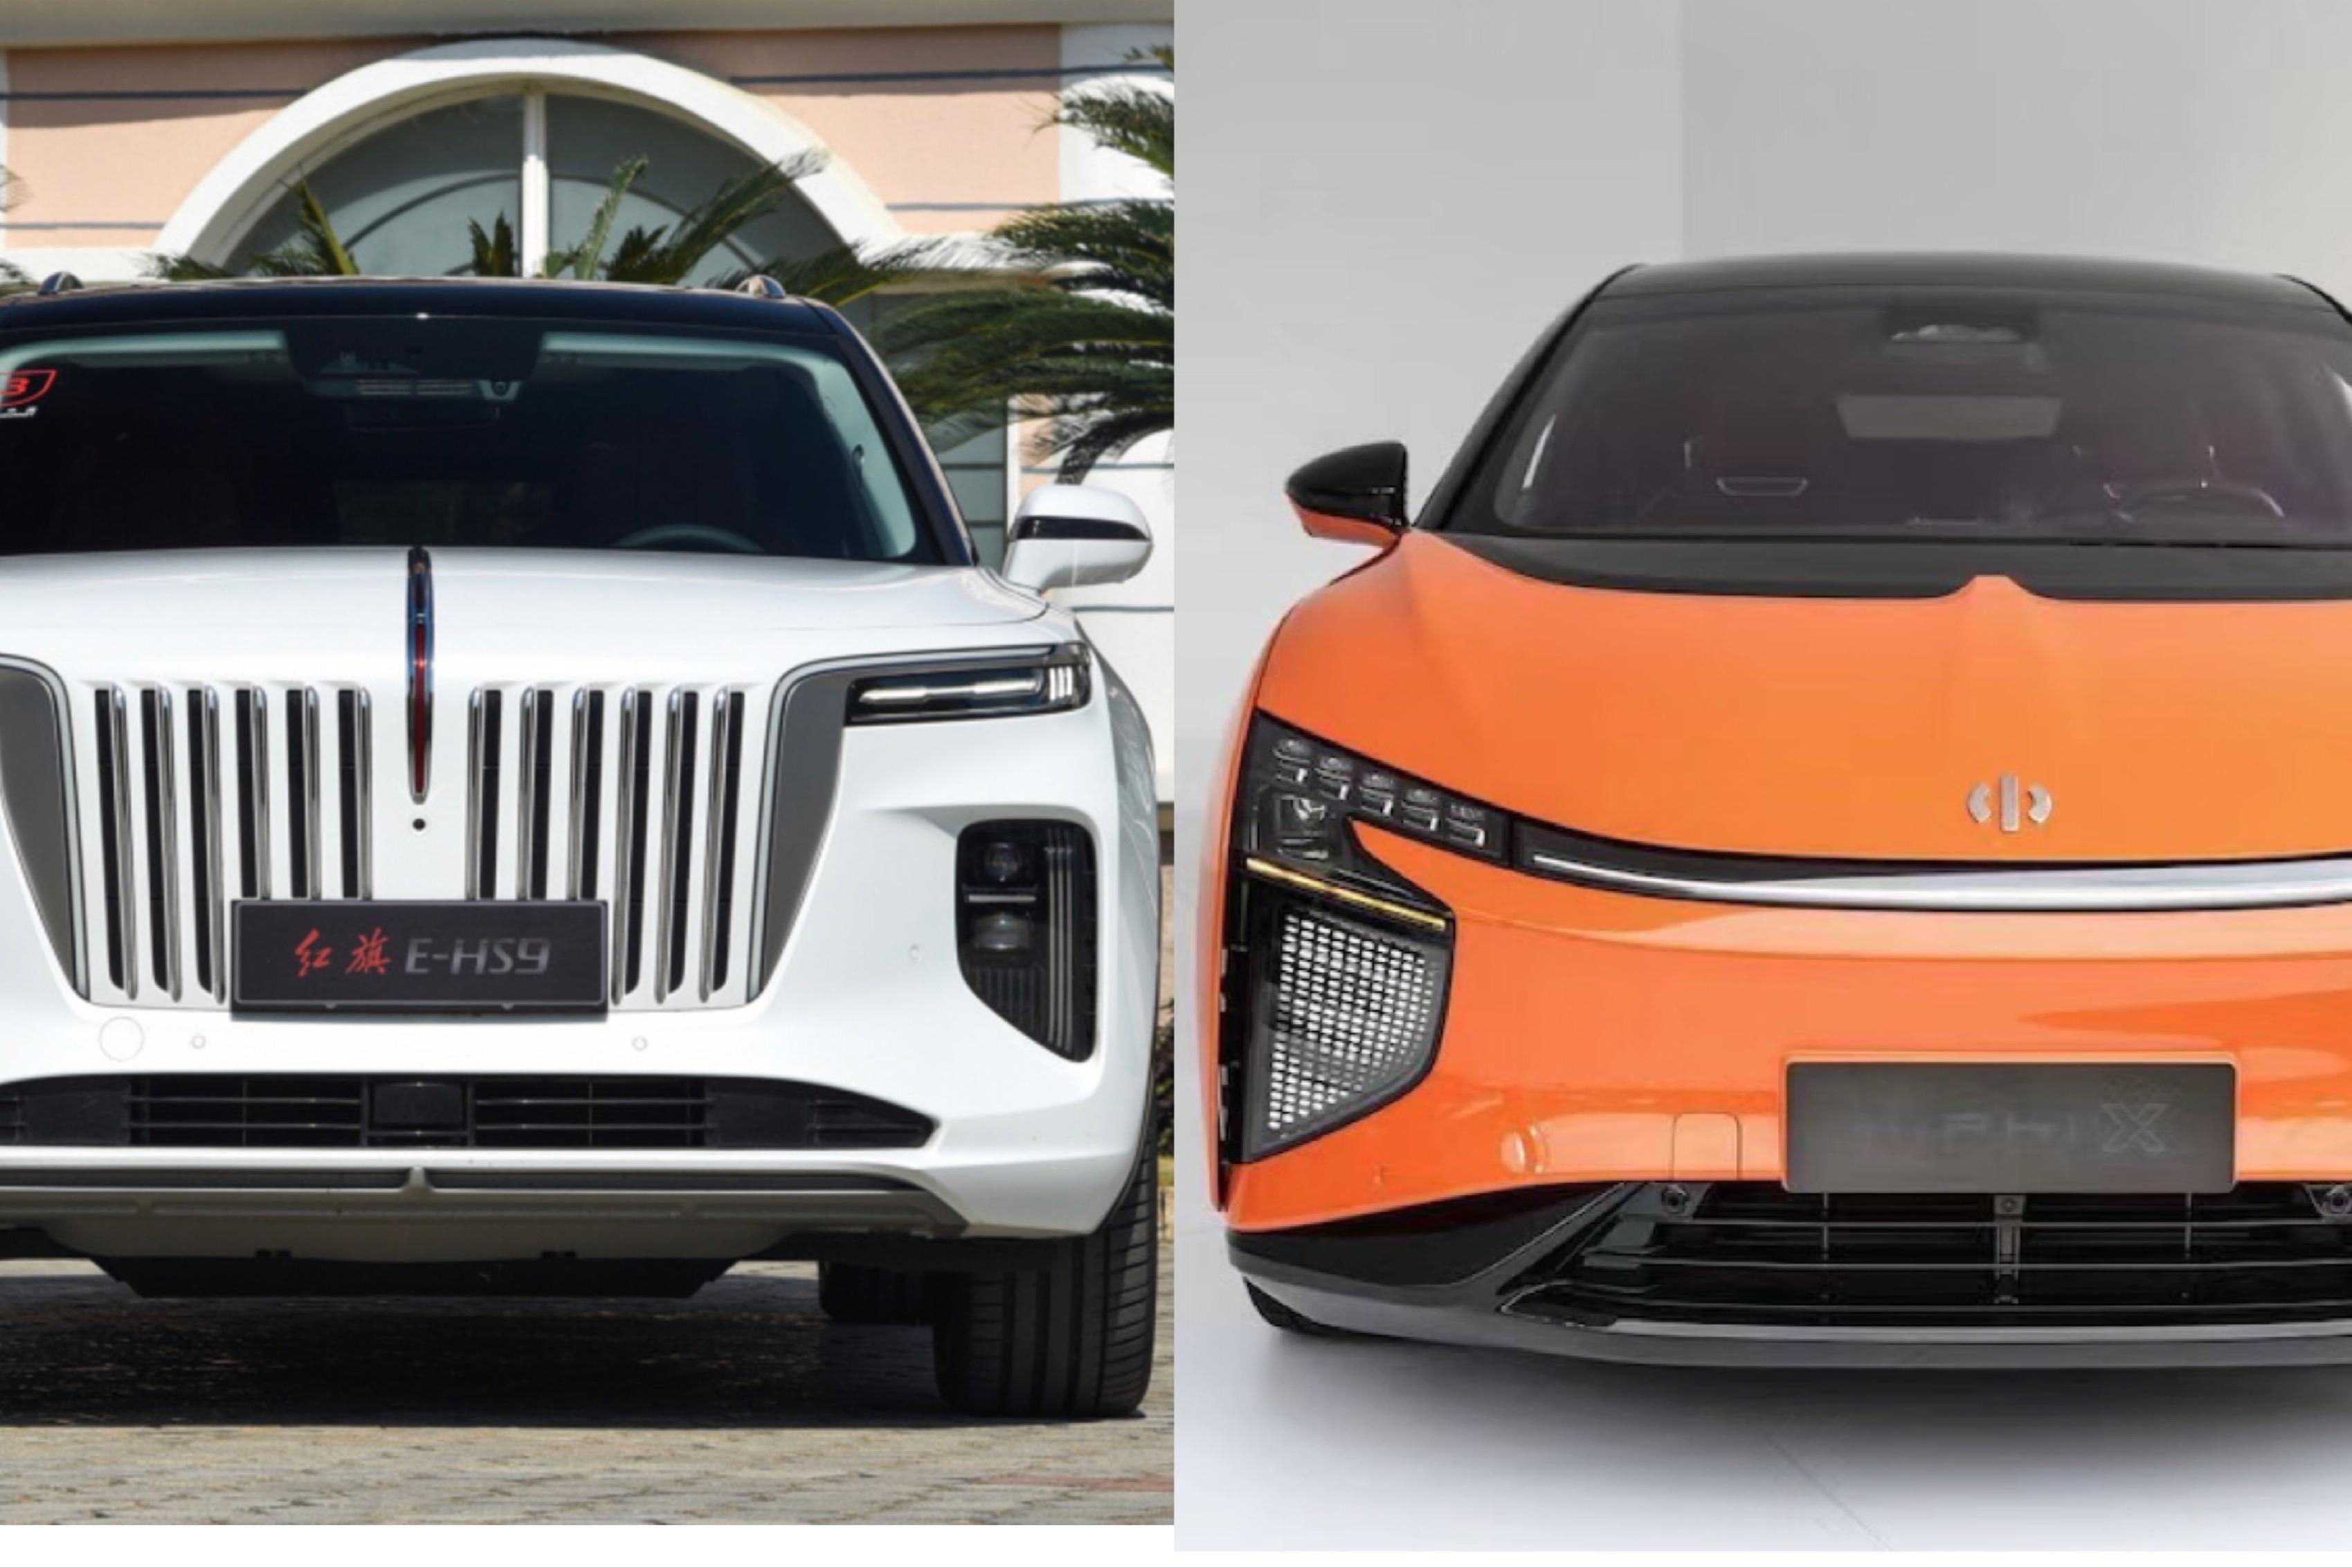 电车严选 | 自主品牌和顶级豪华无关?超豪华自主品牌纯电SUV推荐